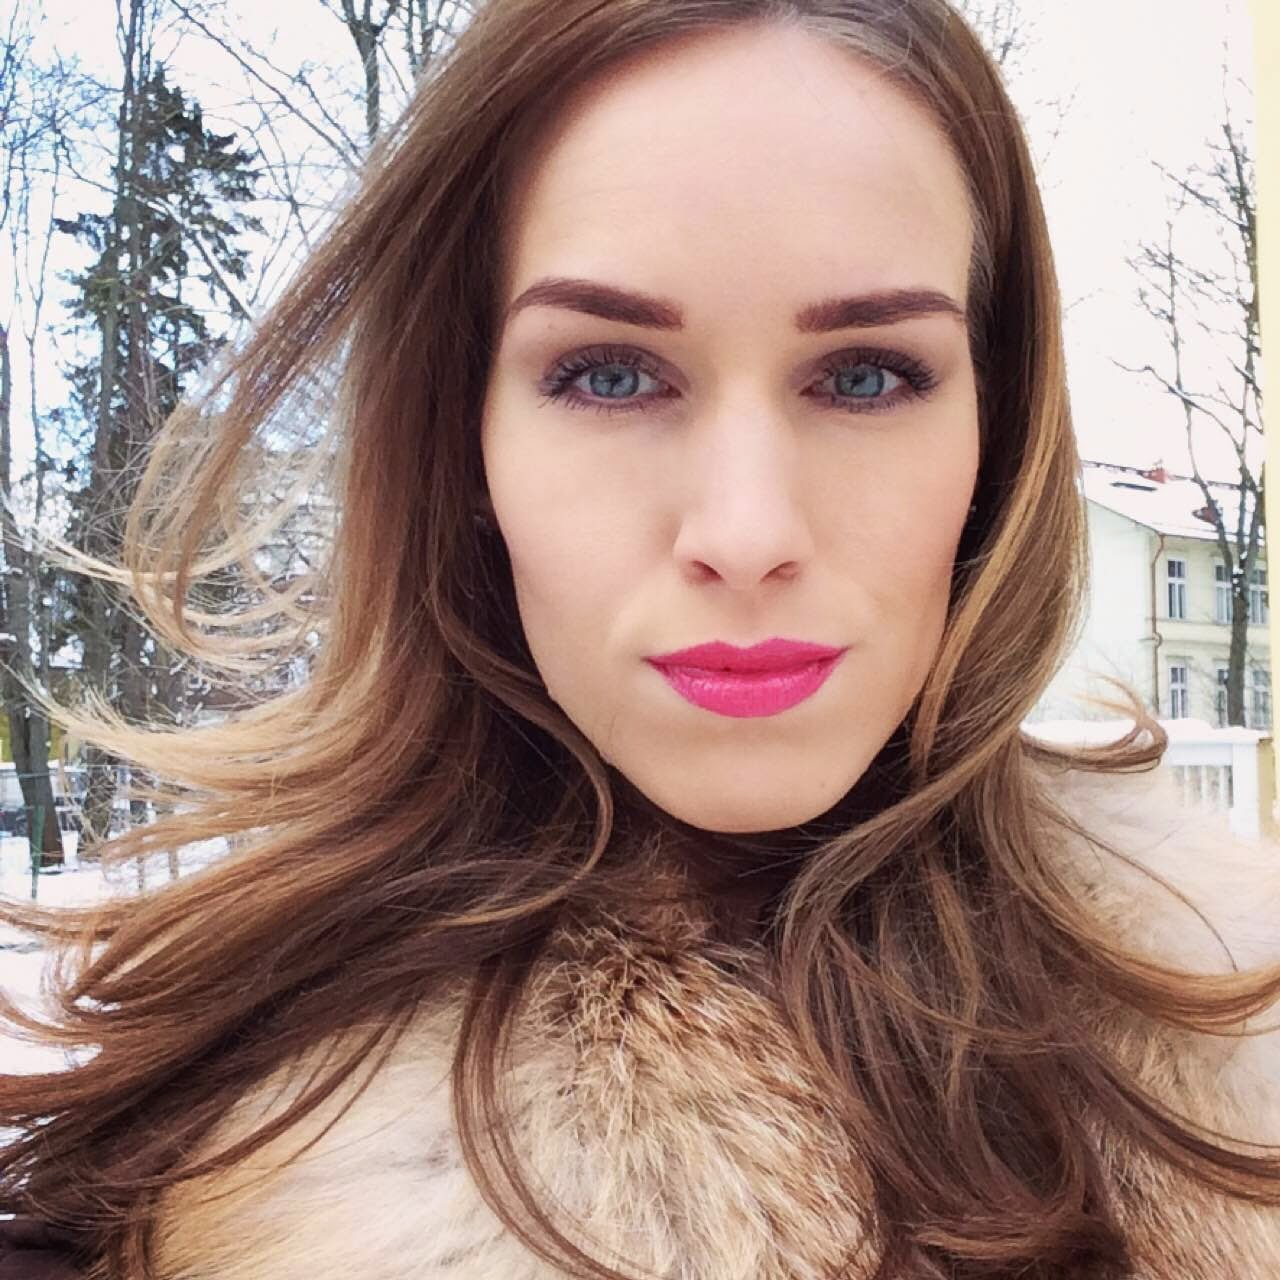 beauty-winter-fur-pink-lips